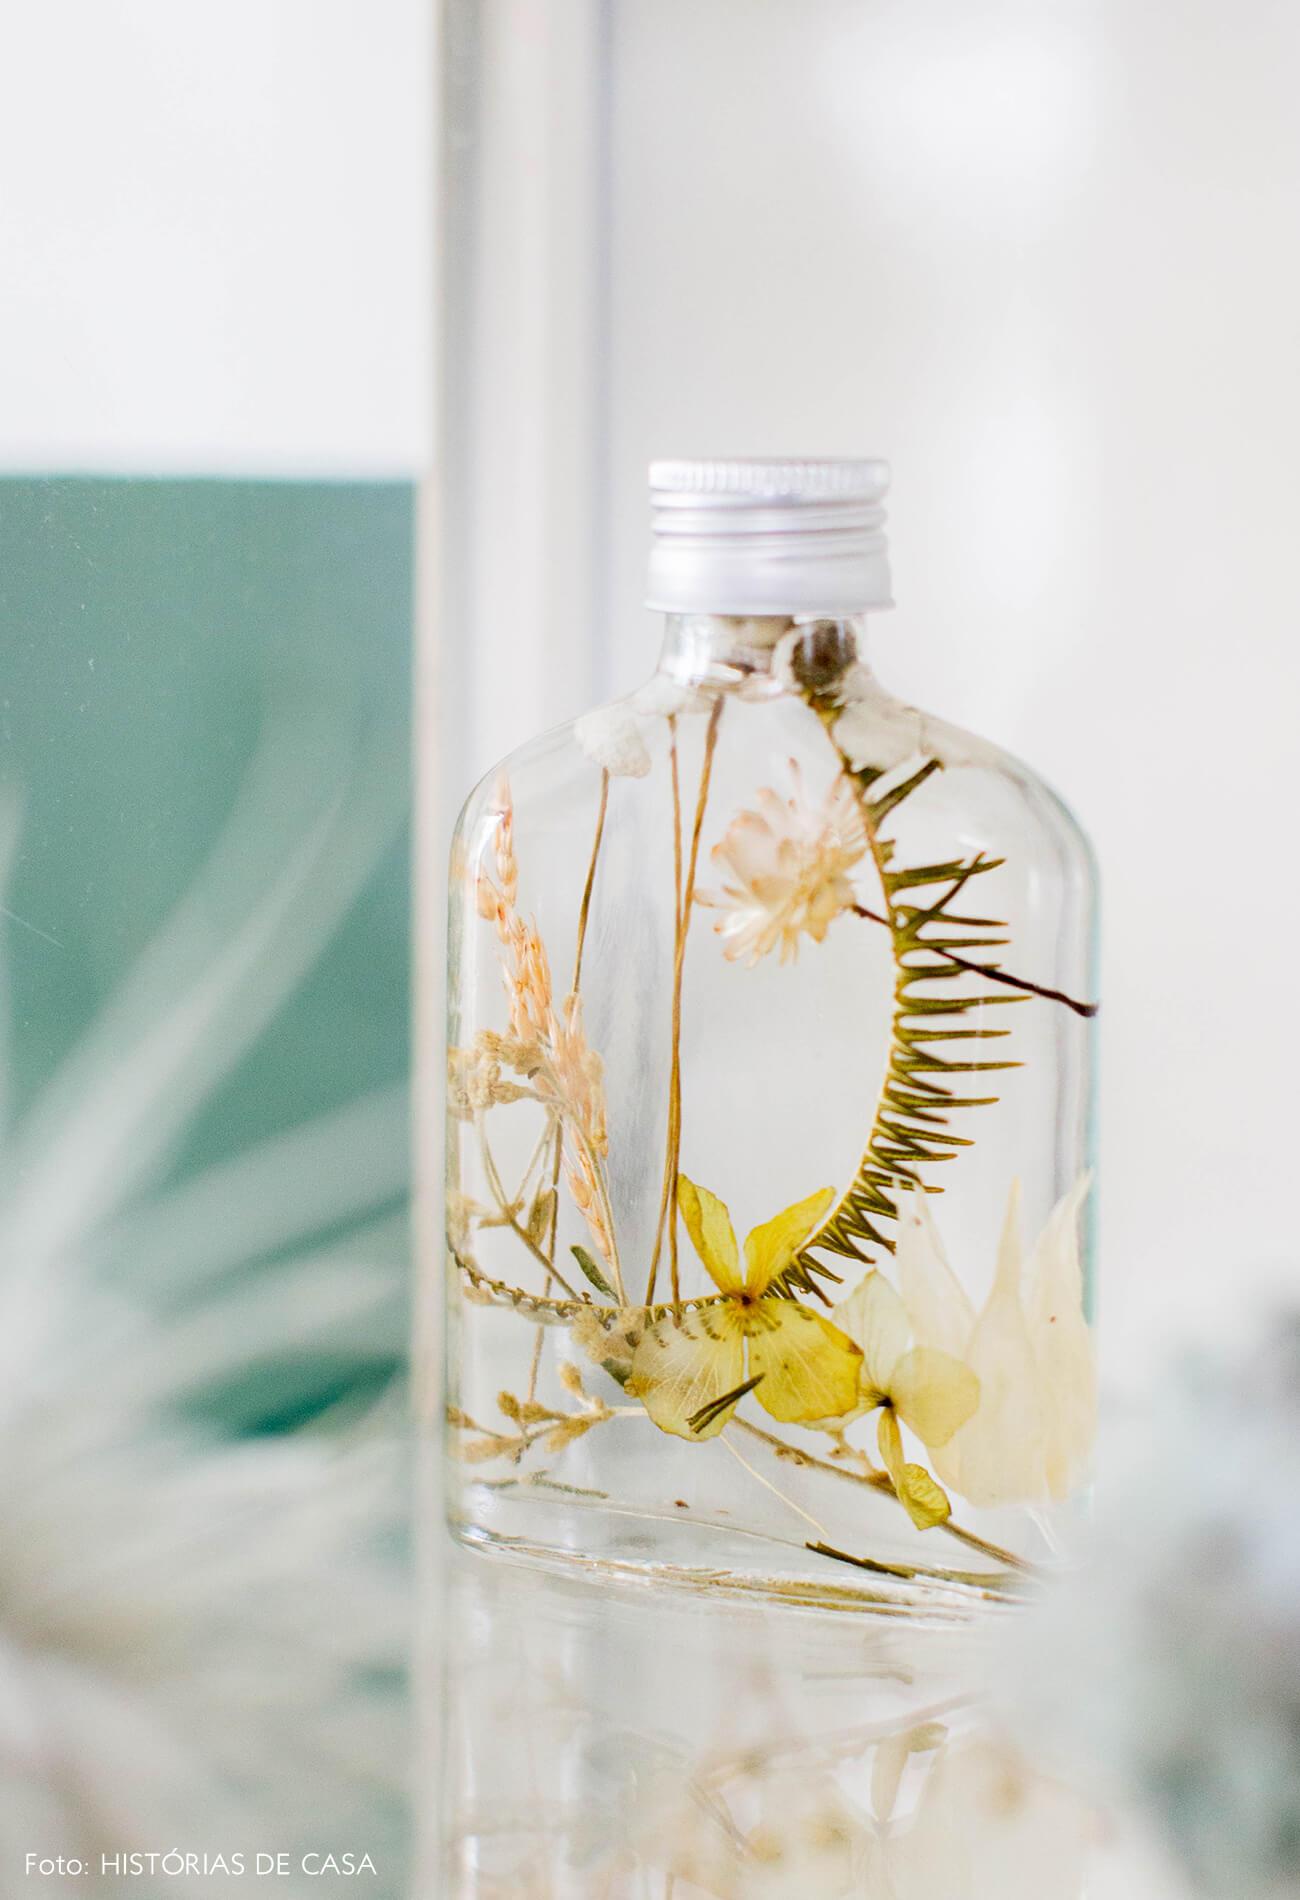 Arranjo do FLO com garrafas de vidro